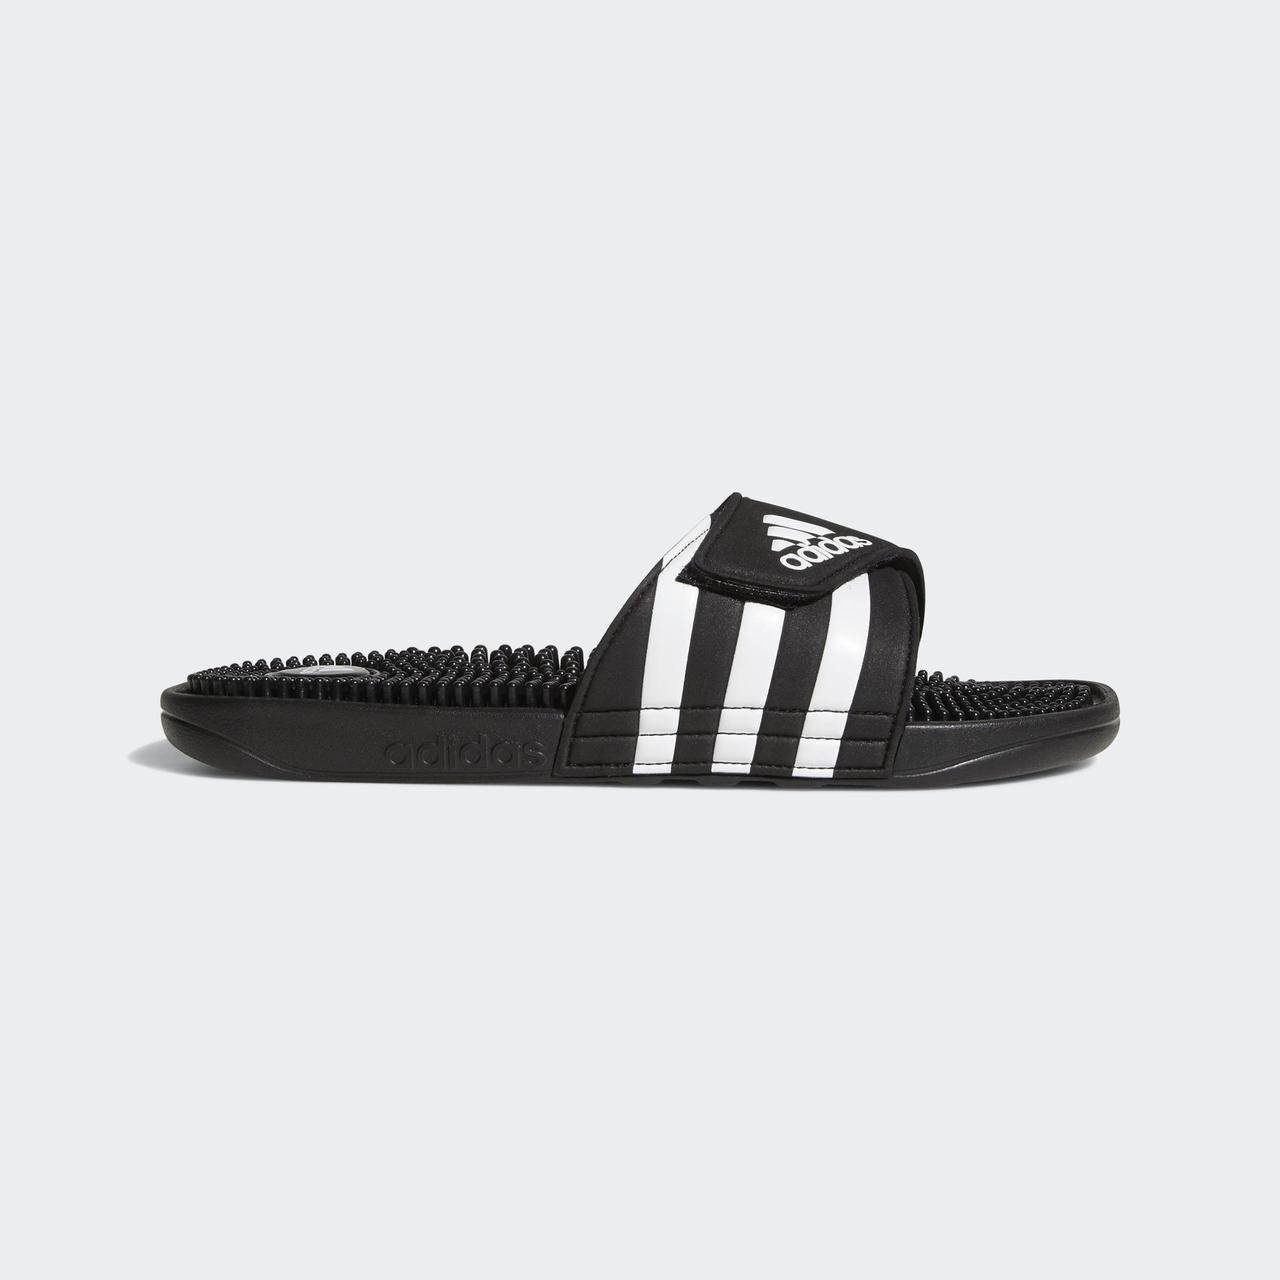 Мужские шлепанцы Adidas Originals Adissage (Артикул: 78260)